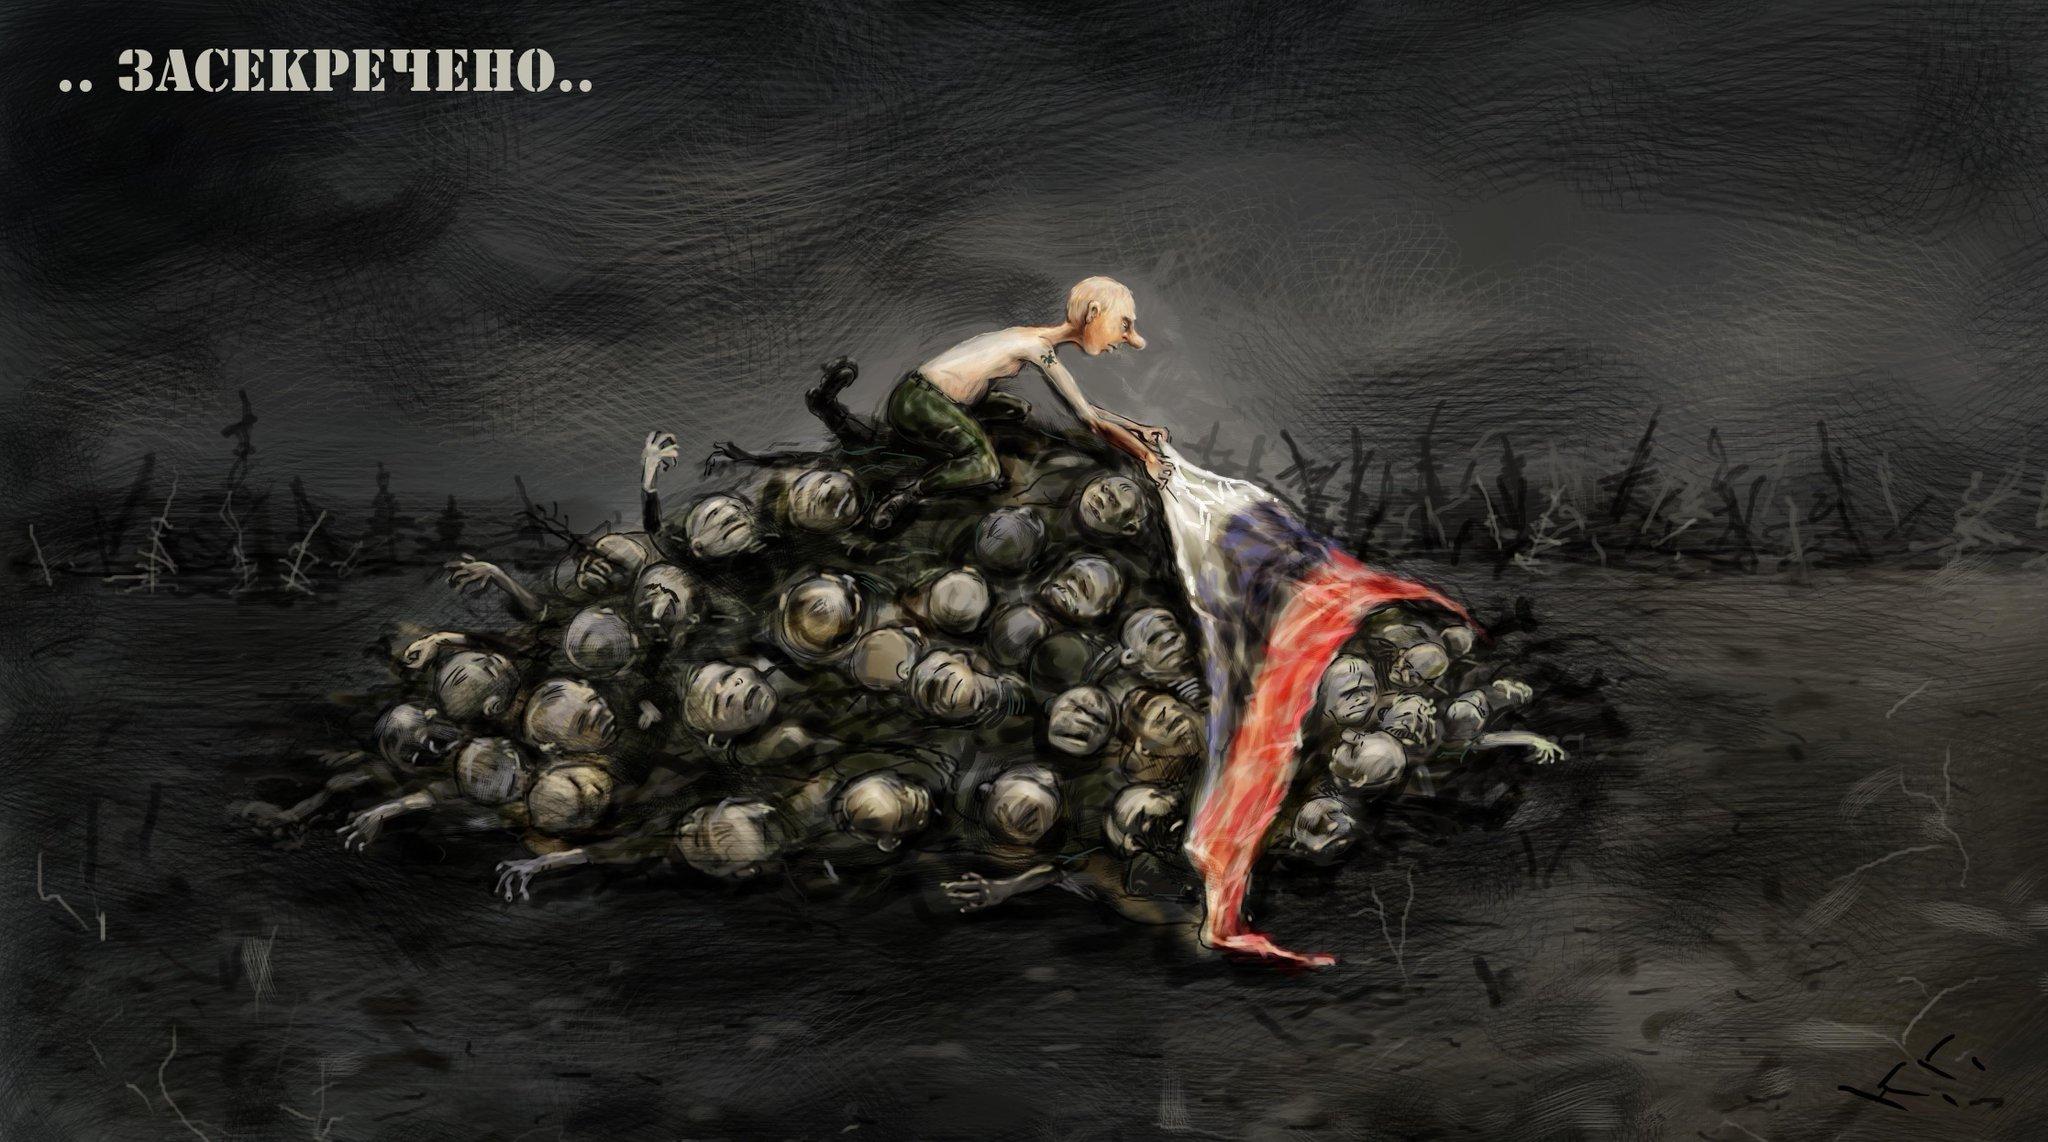 """Указ Путина о засекречивании военных потерь в мирное время делает армию неуязвимой для критики, - """"Frankfurter Allgemeine Zeitung"""" - Цензор.НЕТ 7254"""